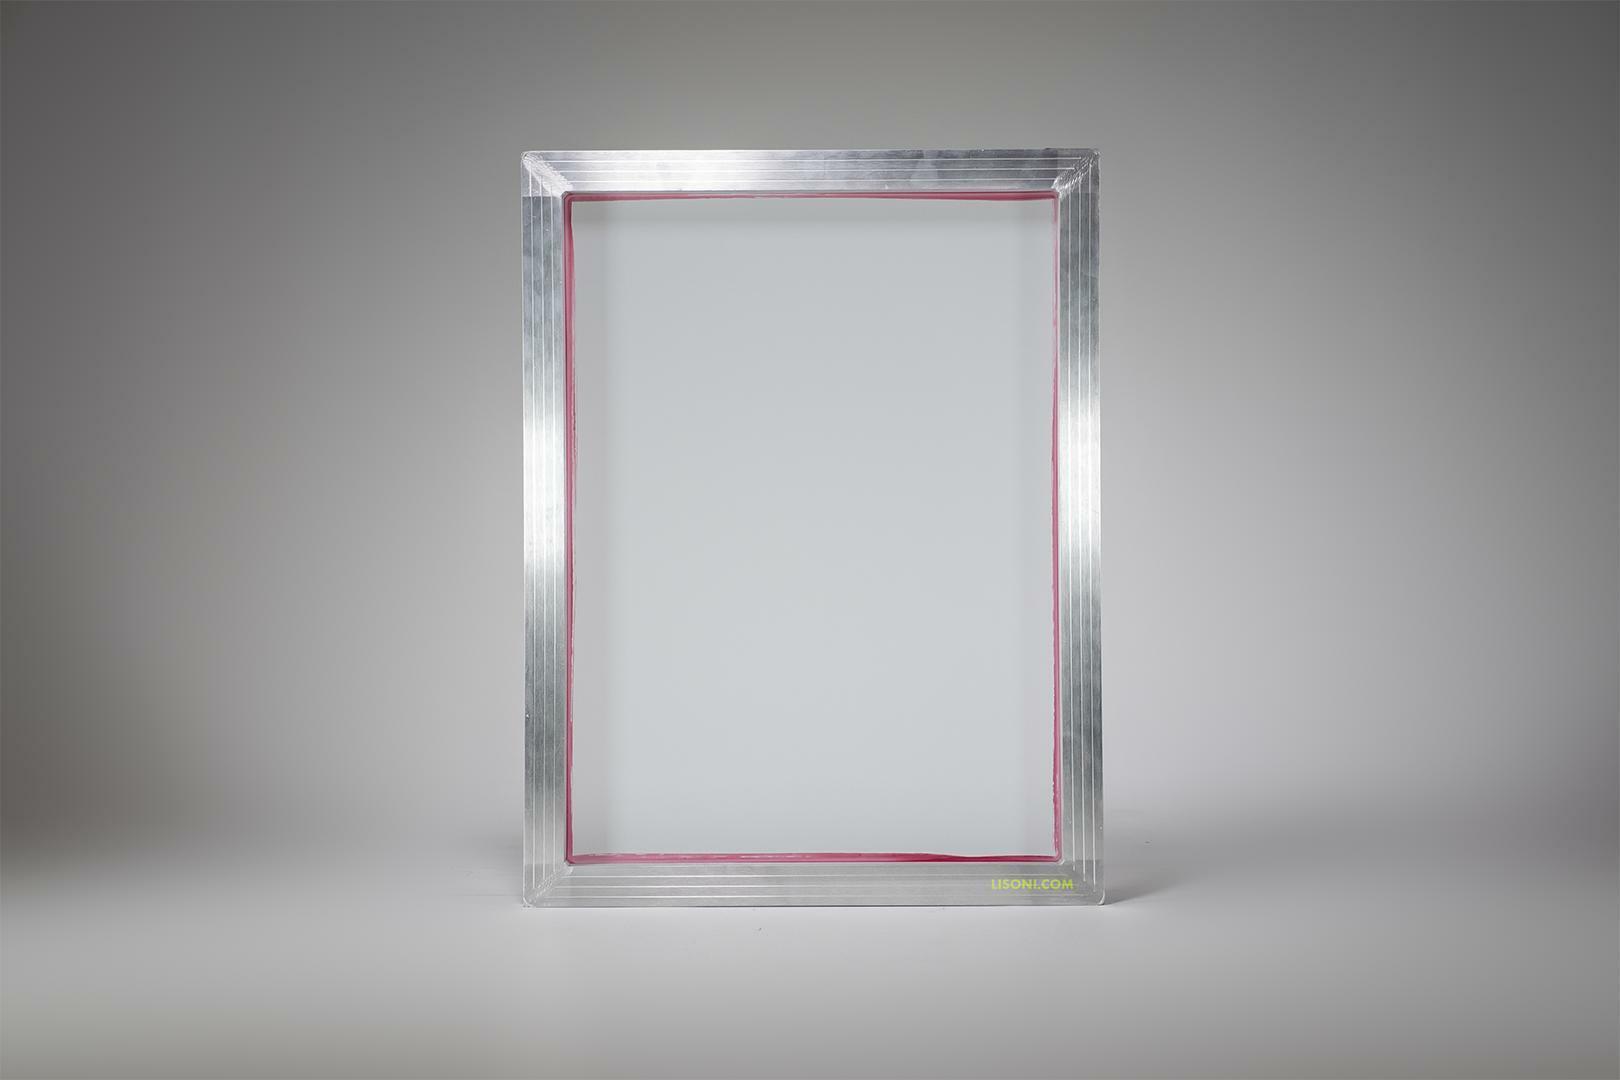 Groß Aluminium Porch Siebrahmen Bilder - Benutzerdefinierte ...